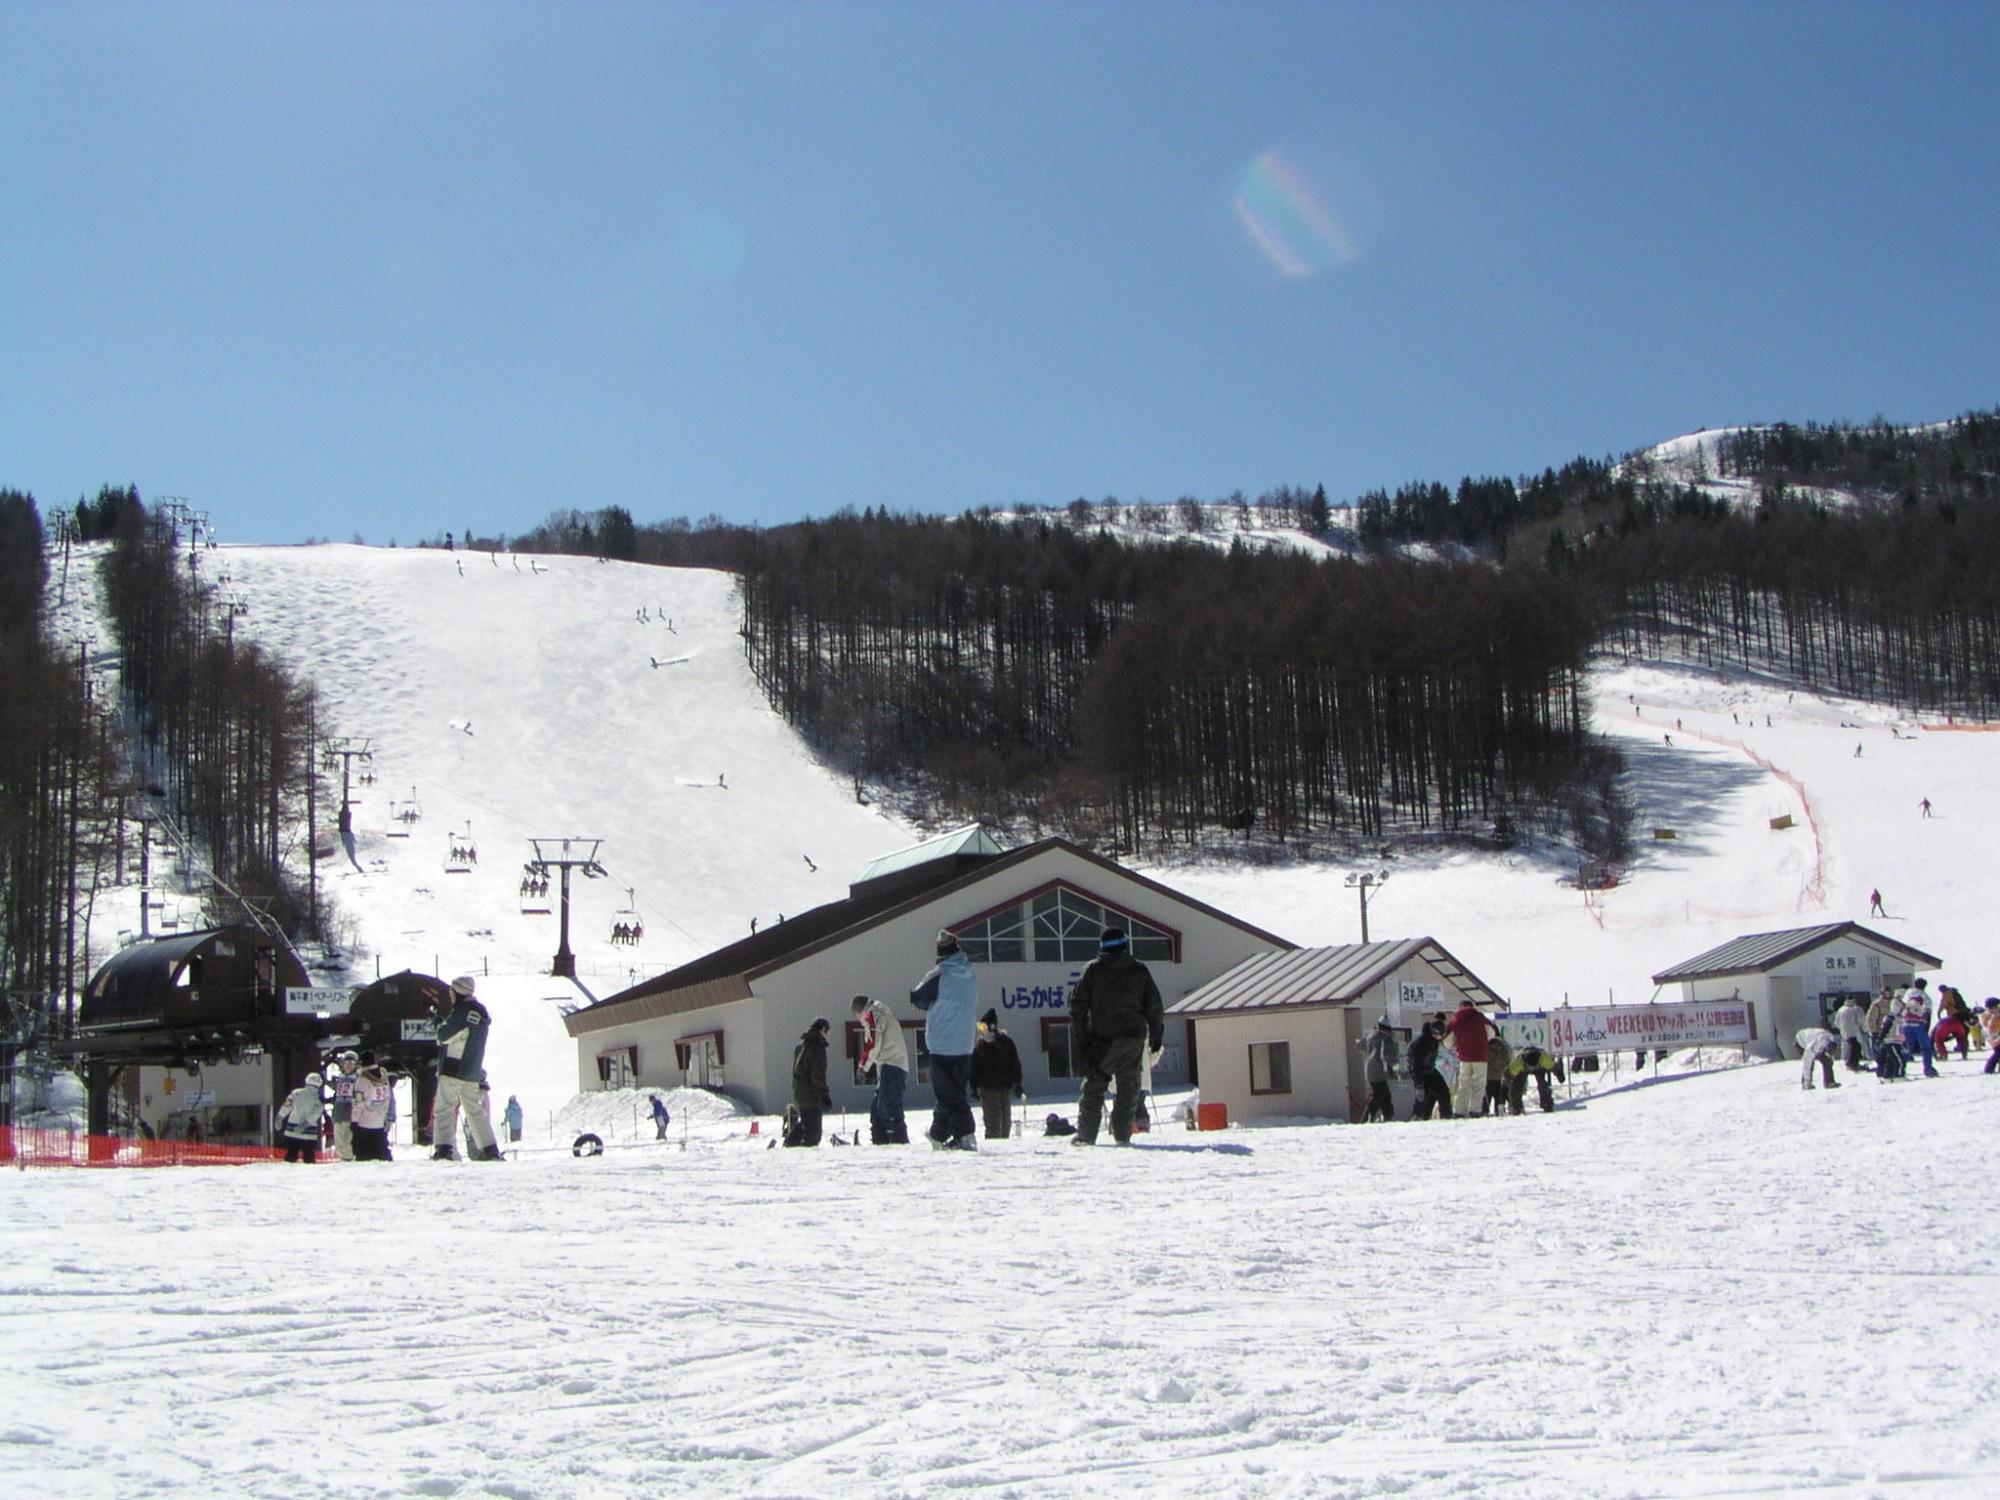 Shirakaba 2in1 Ski Area